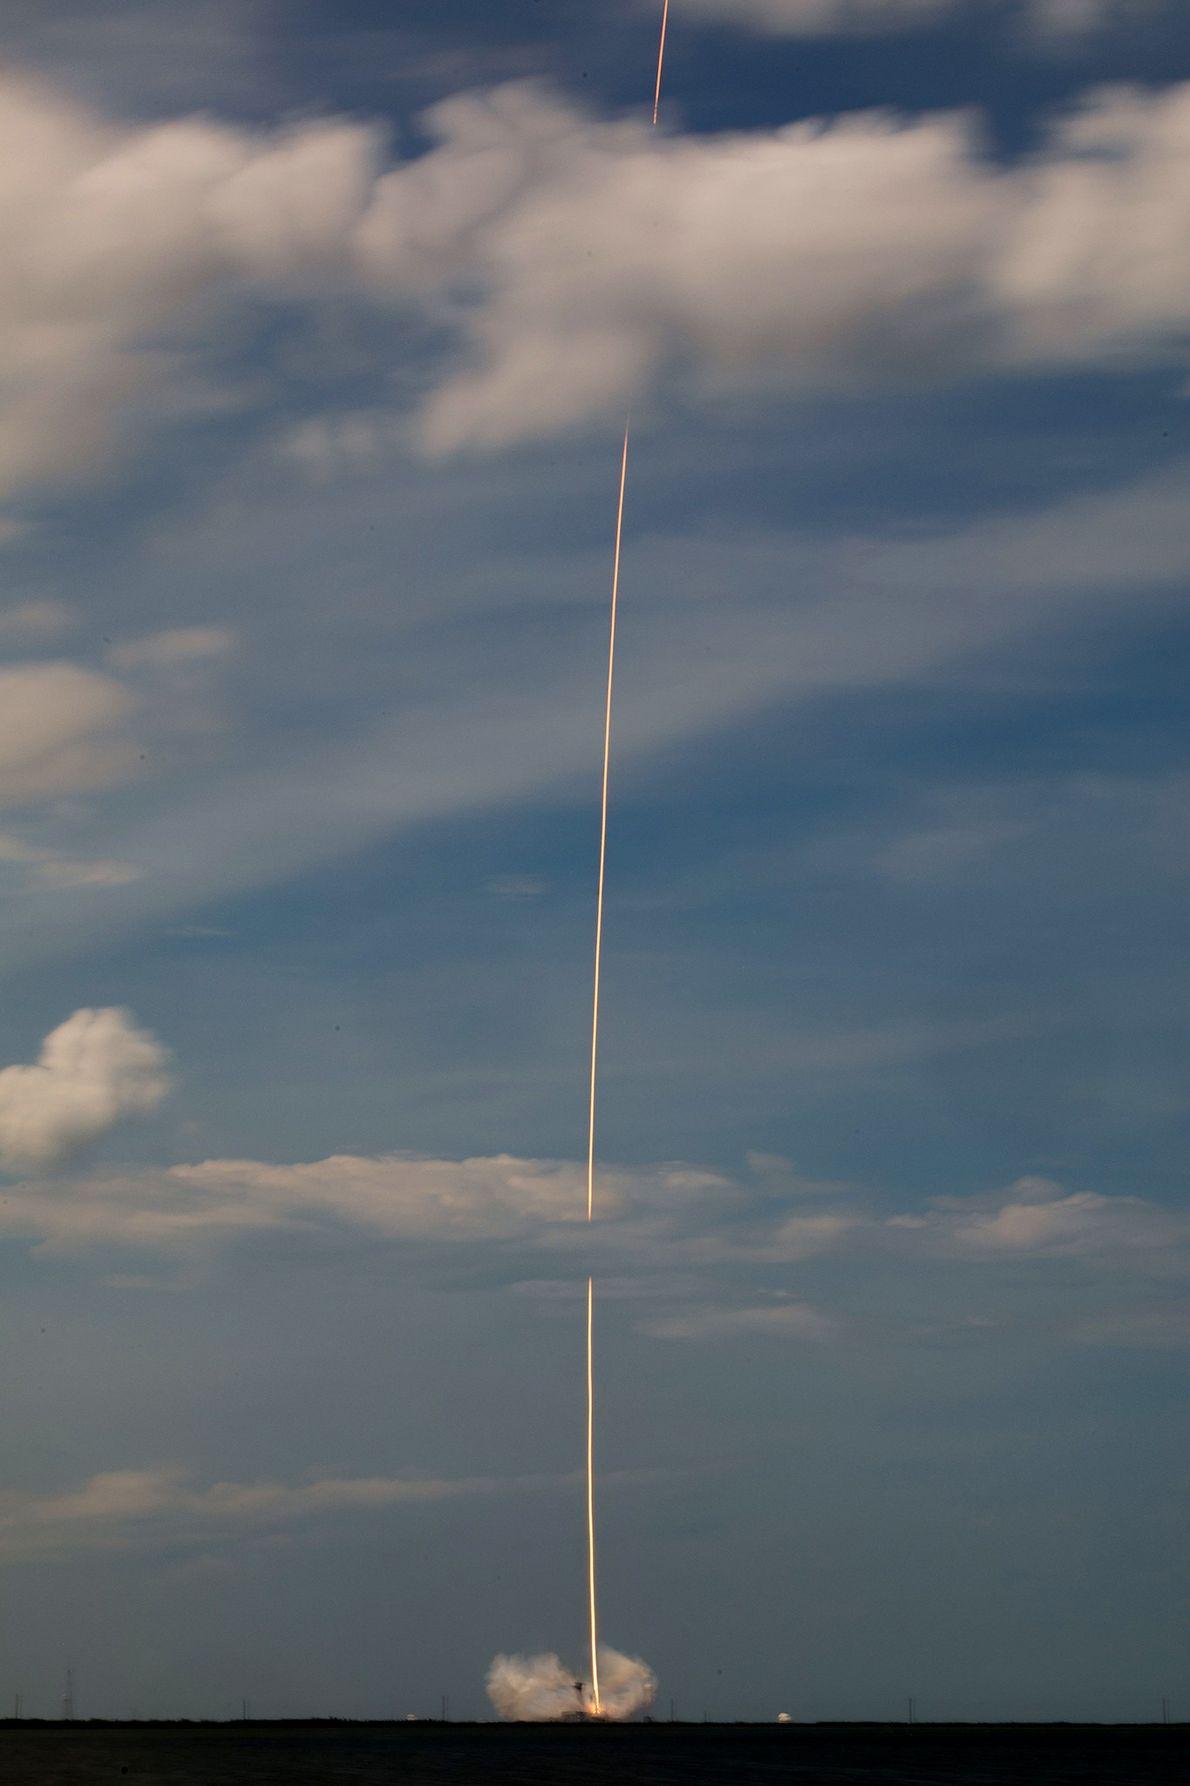 Uma chama laranja e brilhante do foguete SpaceX Falcon 9 parece traçar uma linha por entre ...